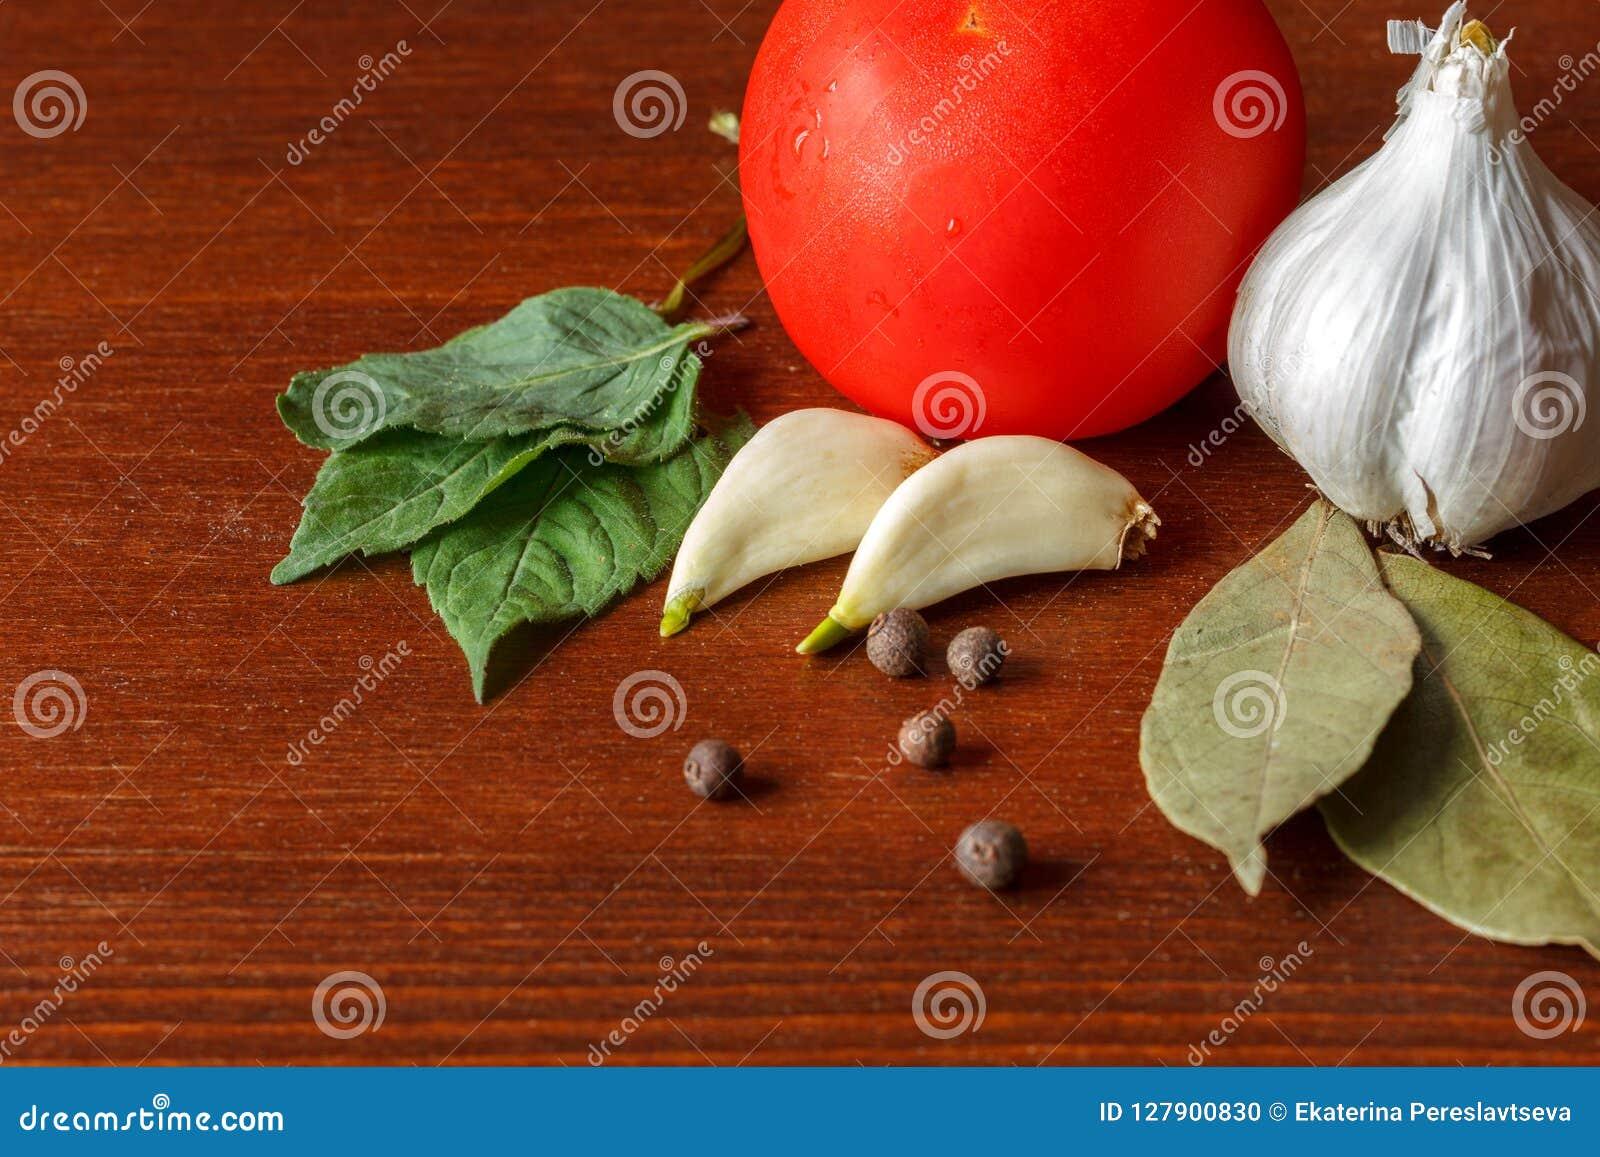 De rode tomaat en het knoflook met kruiden zijn op de lijst